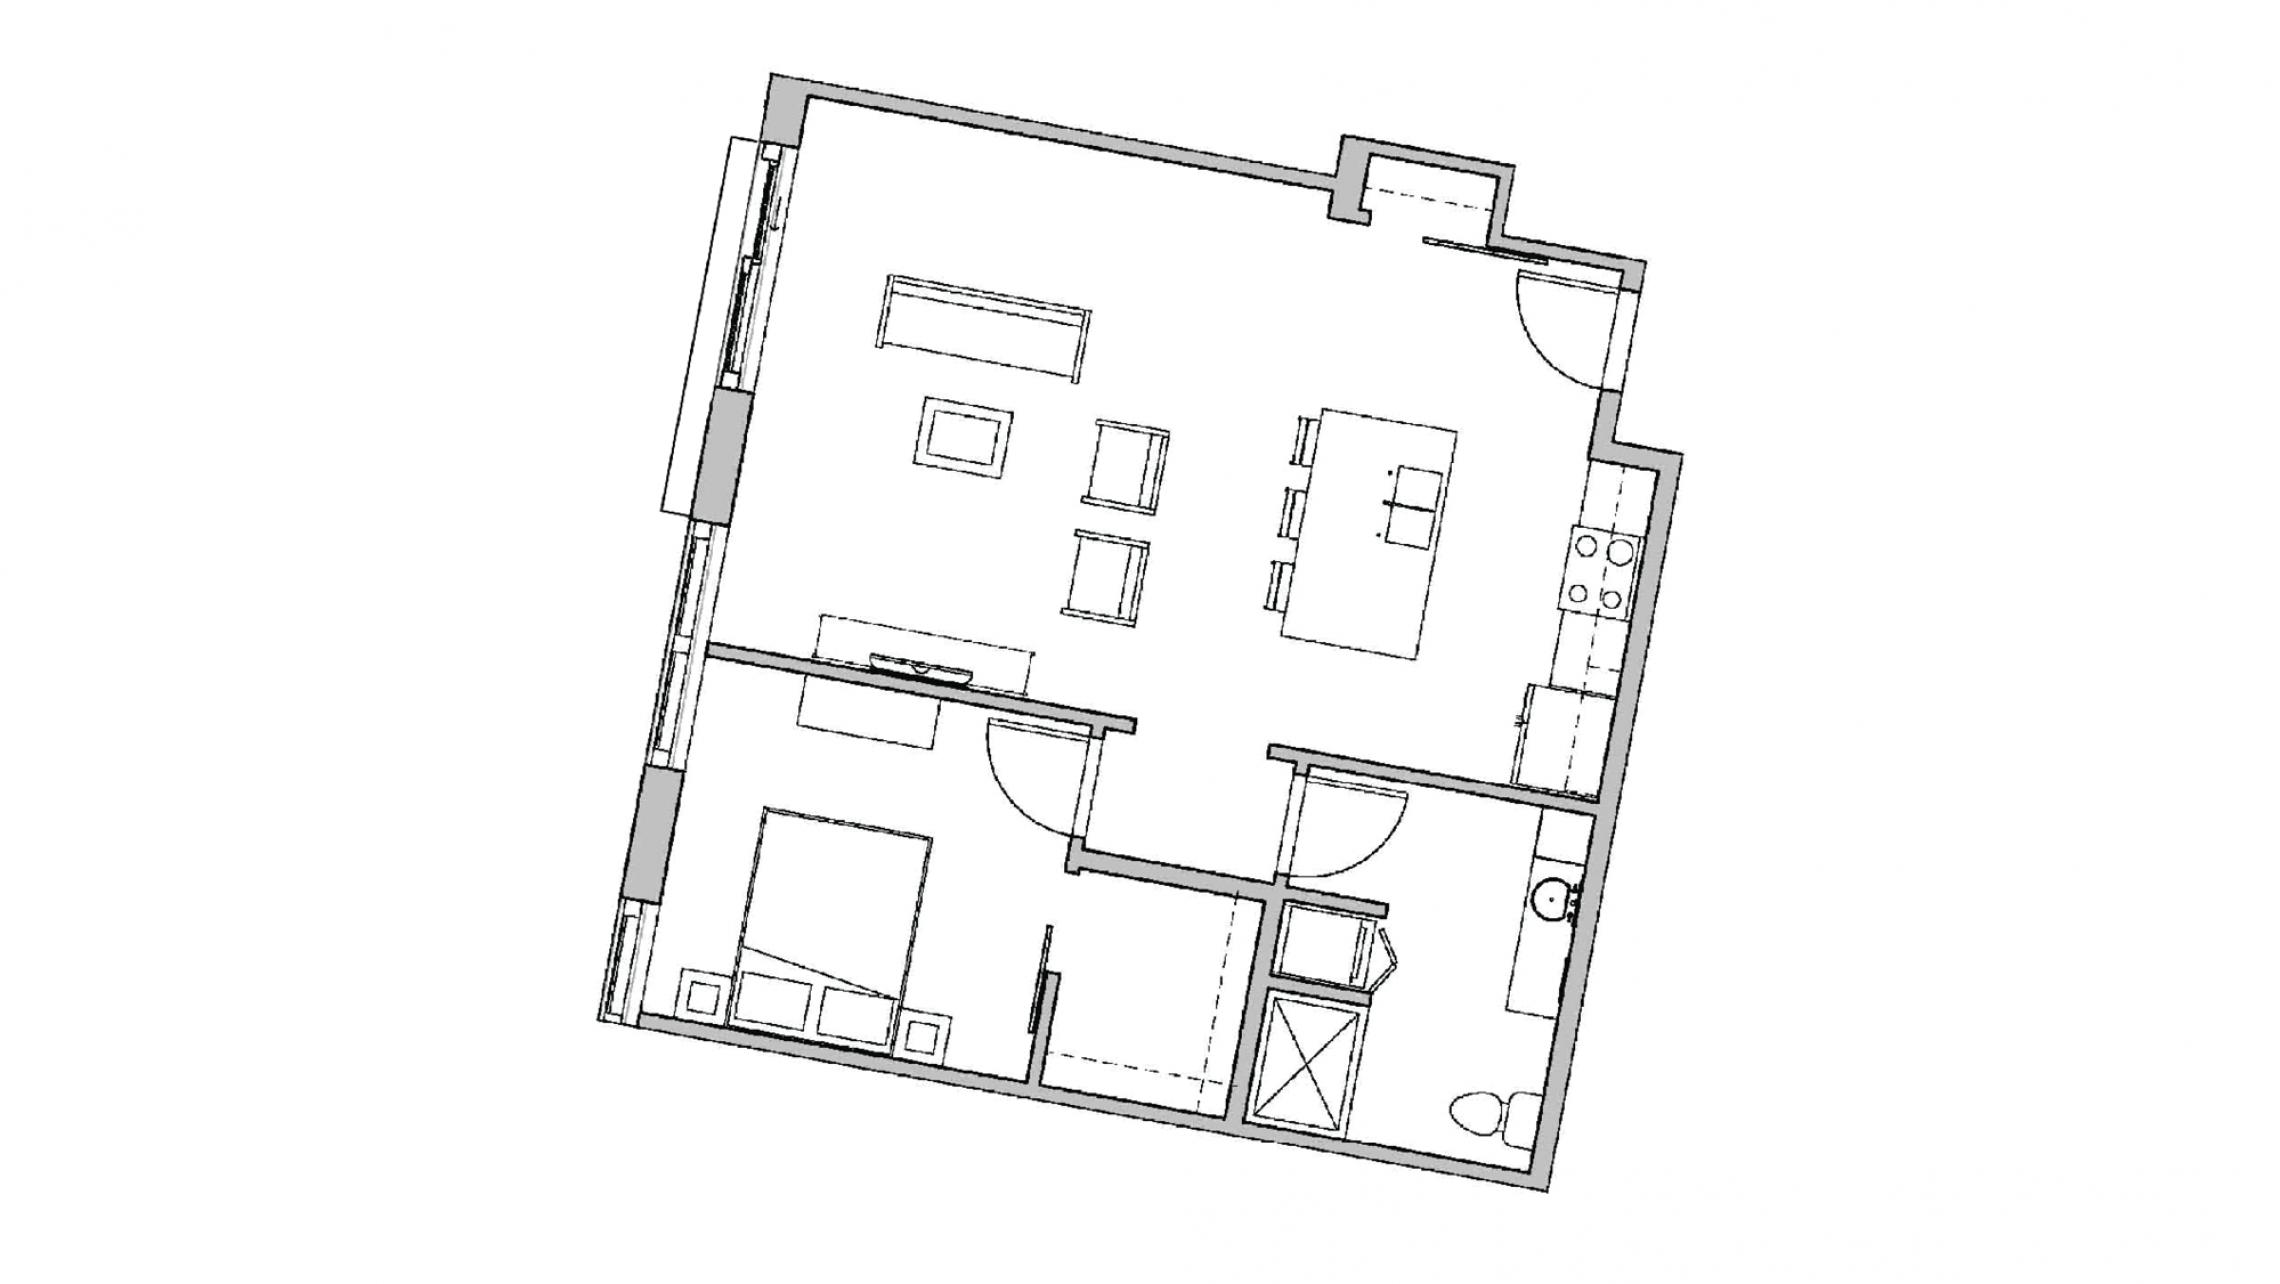 ULI Seven27 231 - One Bedroom, One Bathroom